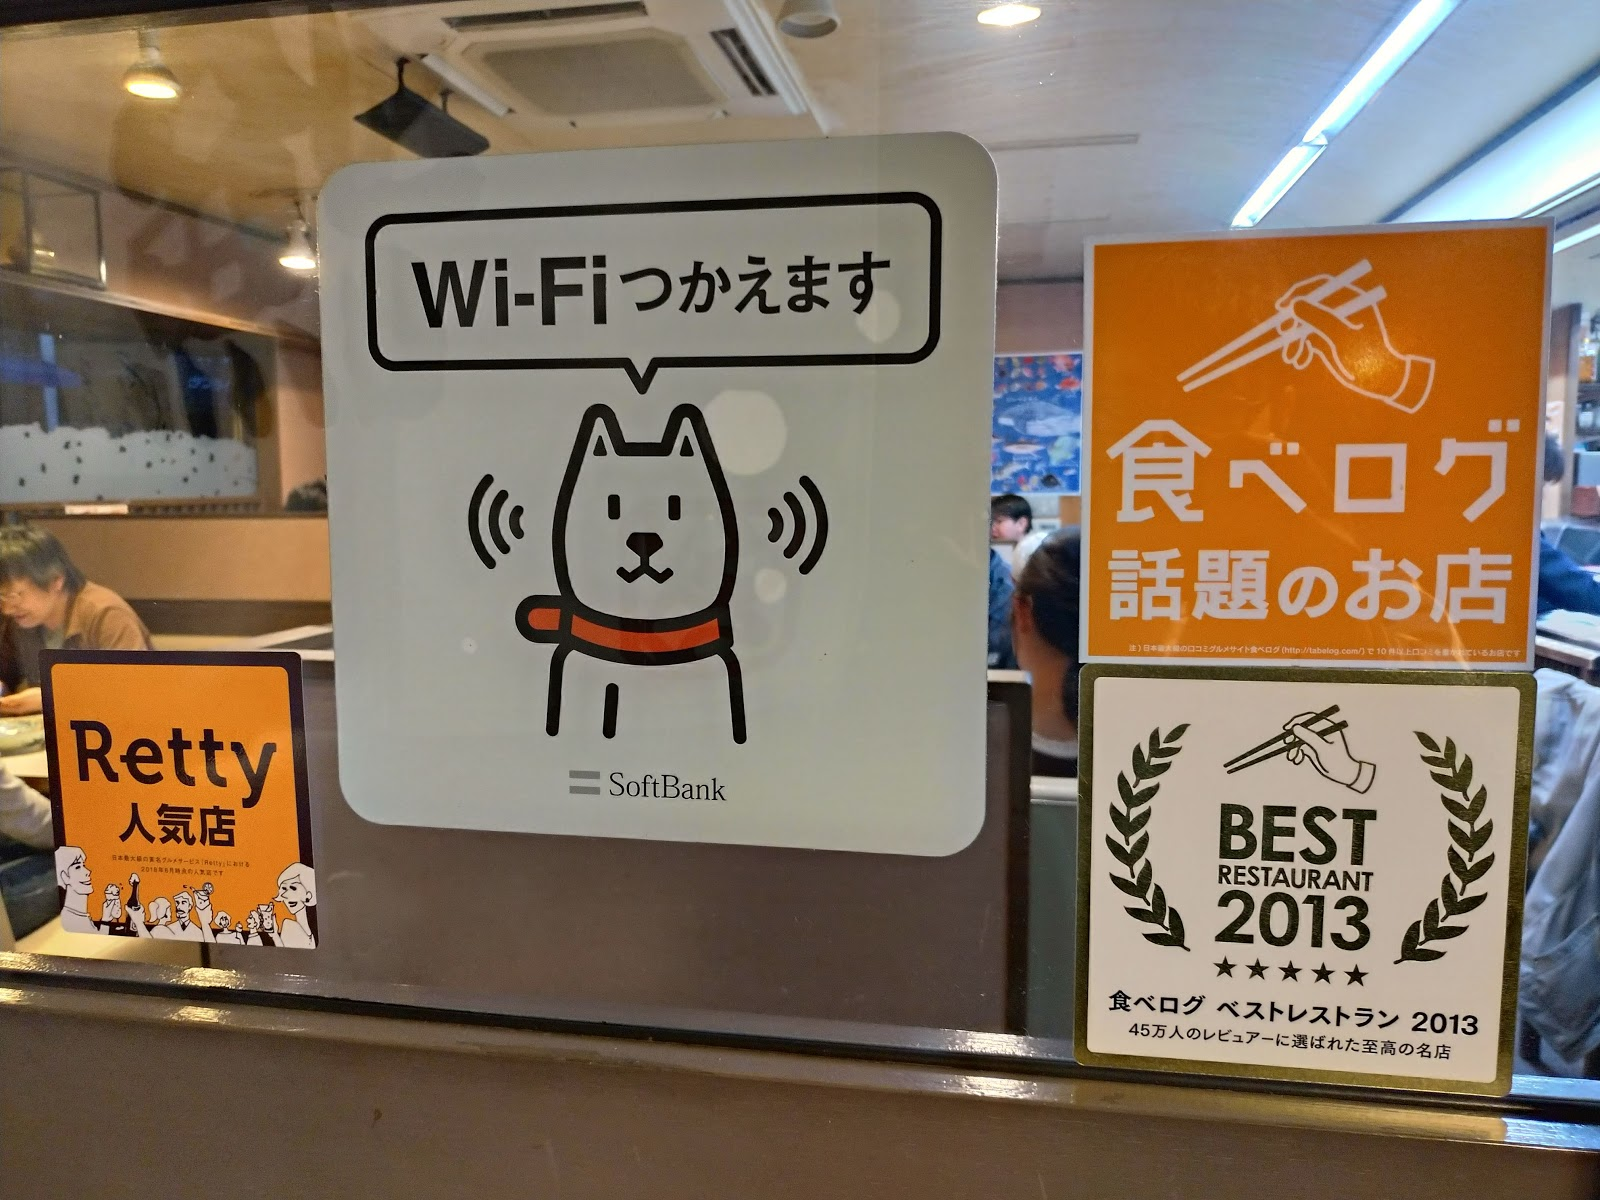 Wi-Fiも使えます!|大阪府堺市初芝駅近くの「一作鮨」へ